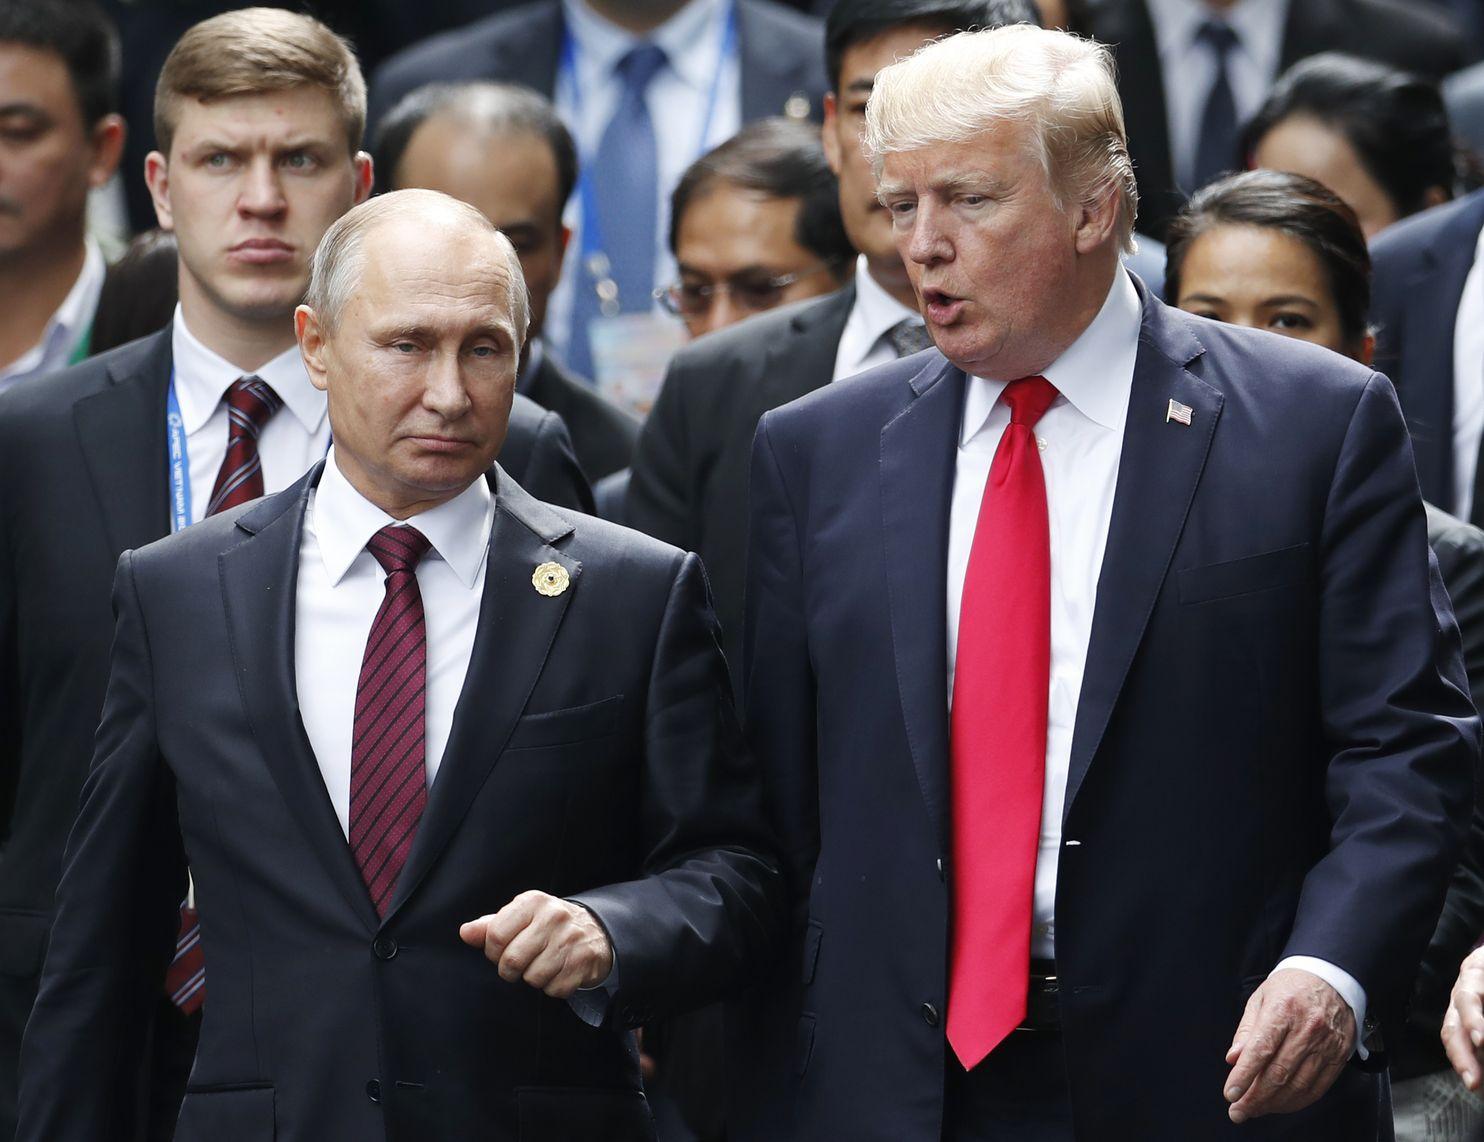 واشینگتن پست: علیرغم برملا شدن مدارکی درباره مداخله روسیه در انتخابات آمریکا ترامپ هنوز هم میخواهد دوست پوتین بماند